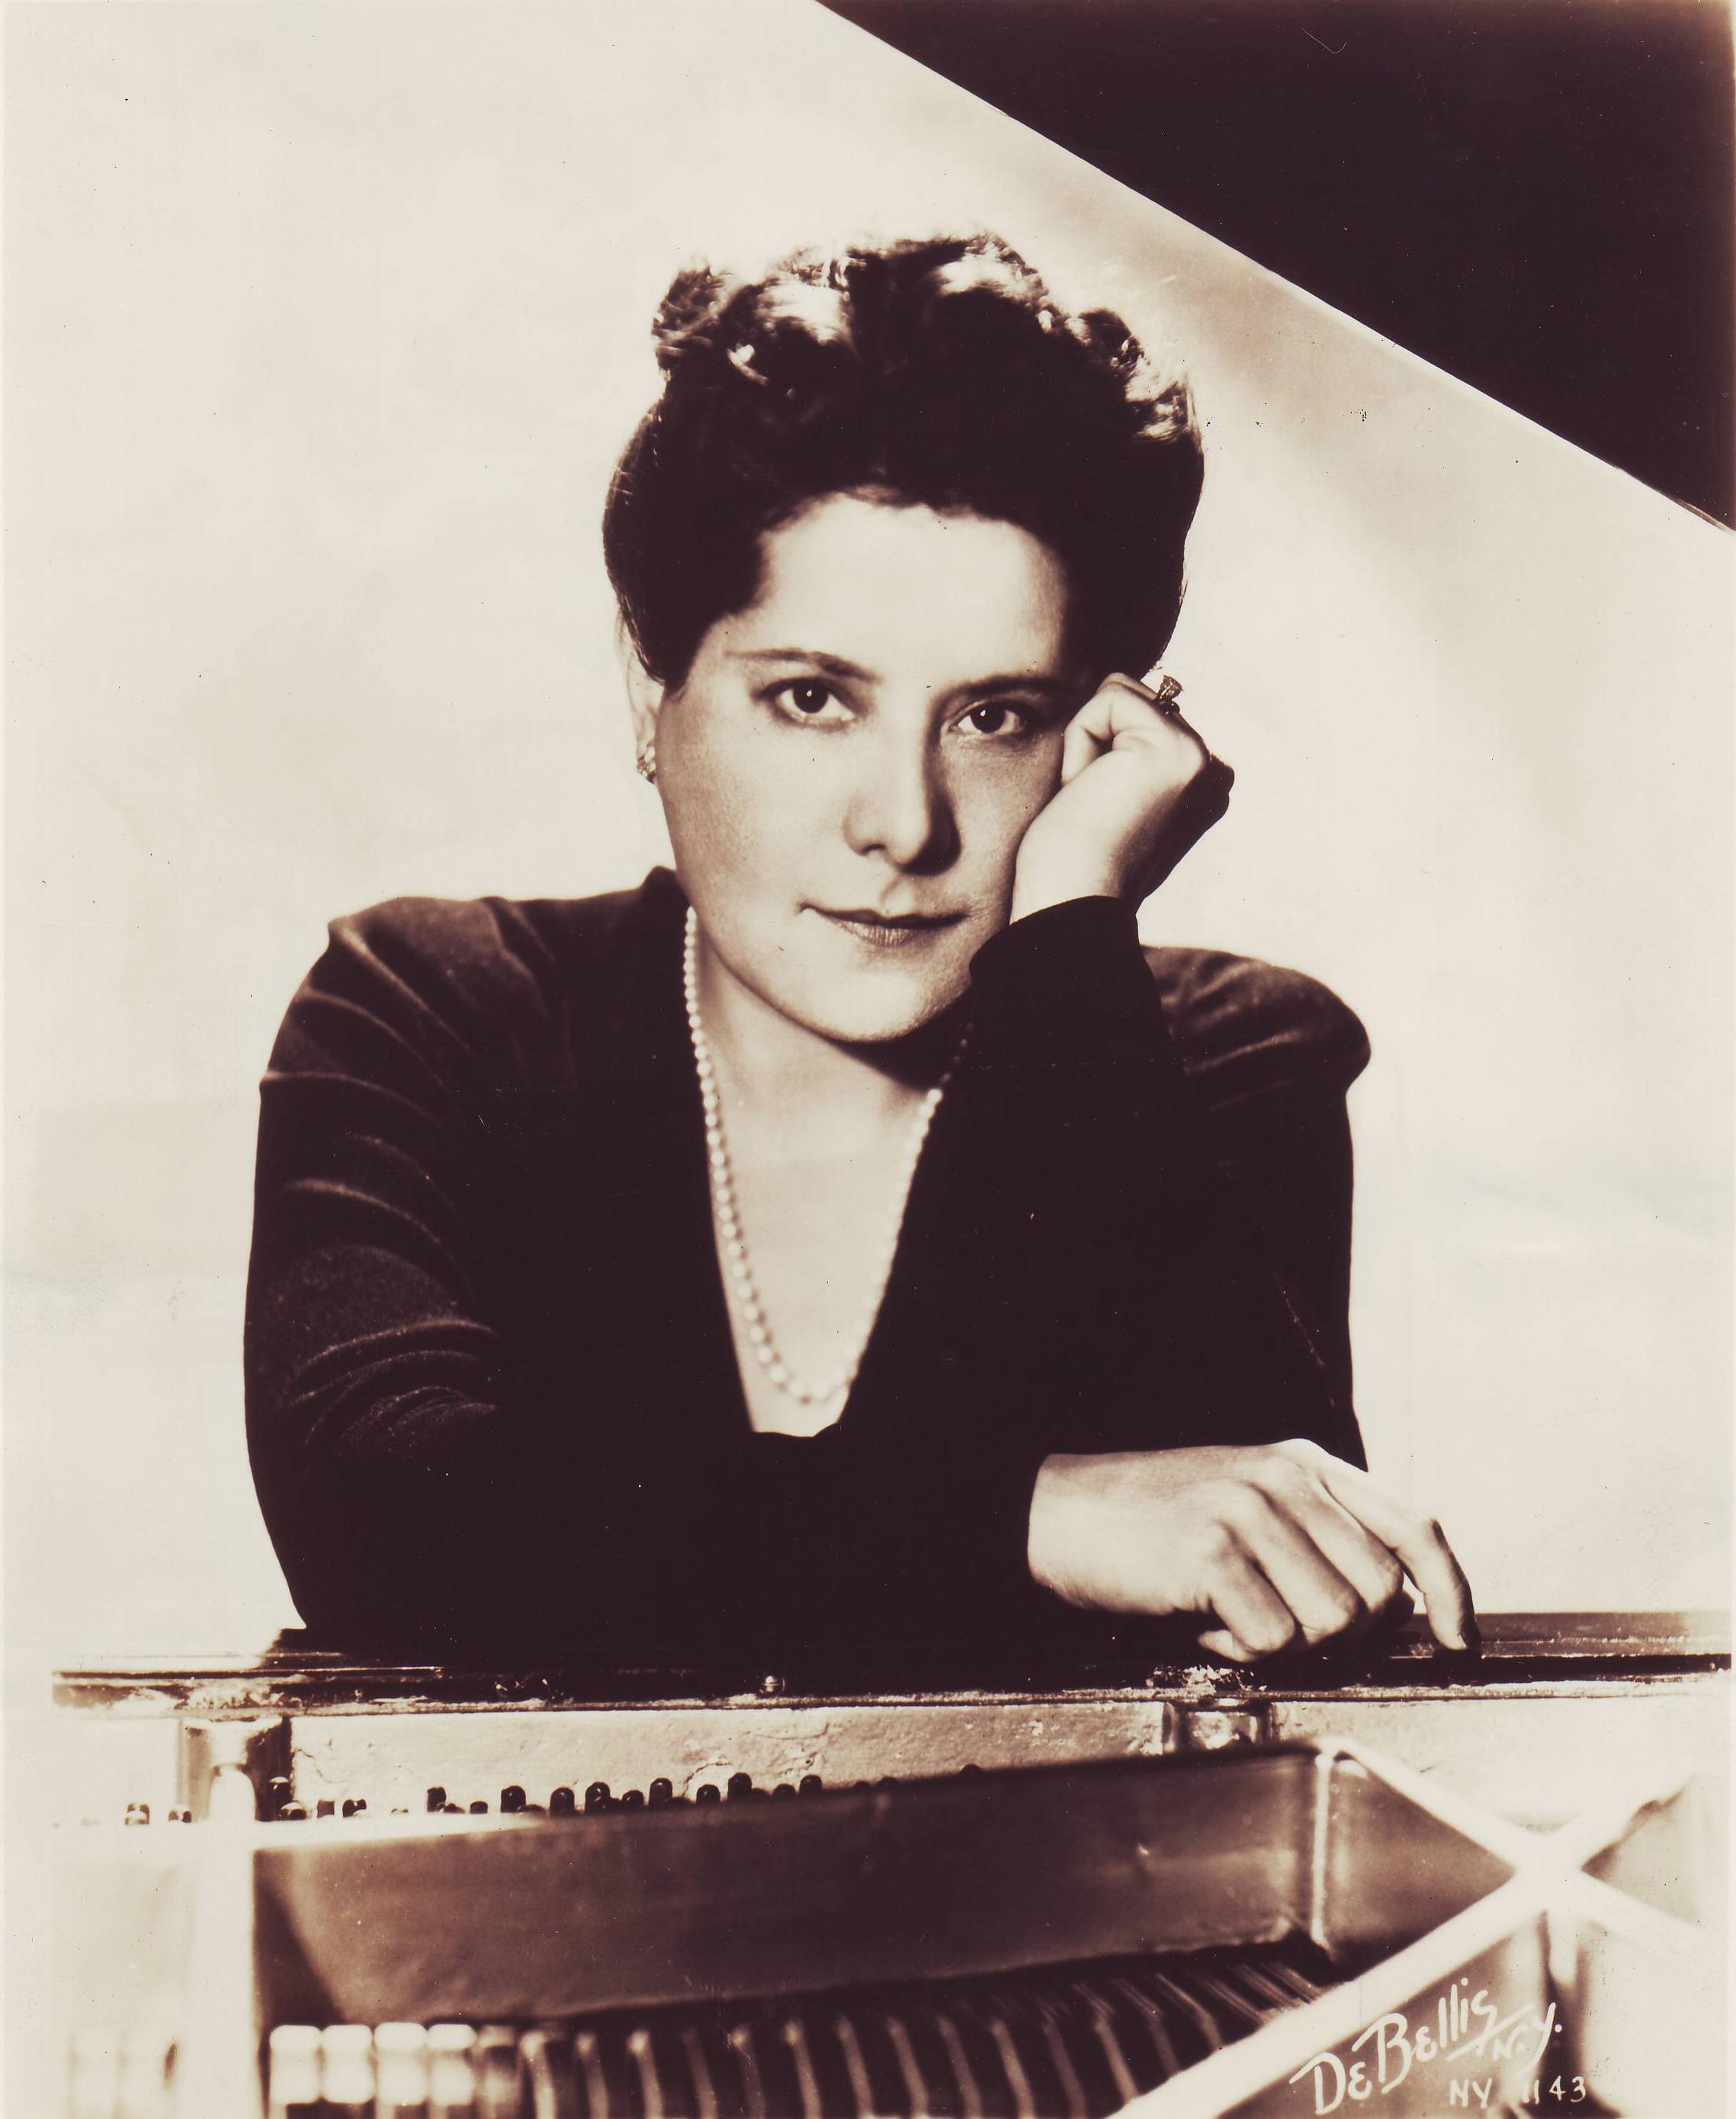 Forgotten Pianists: Guiomar Novaes